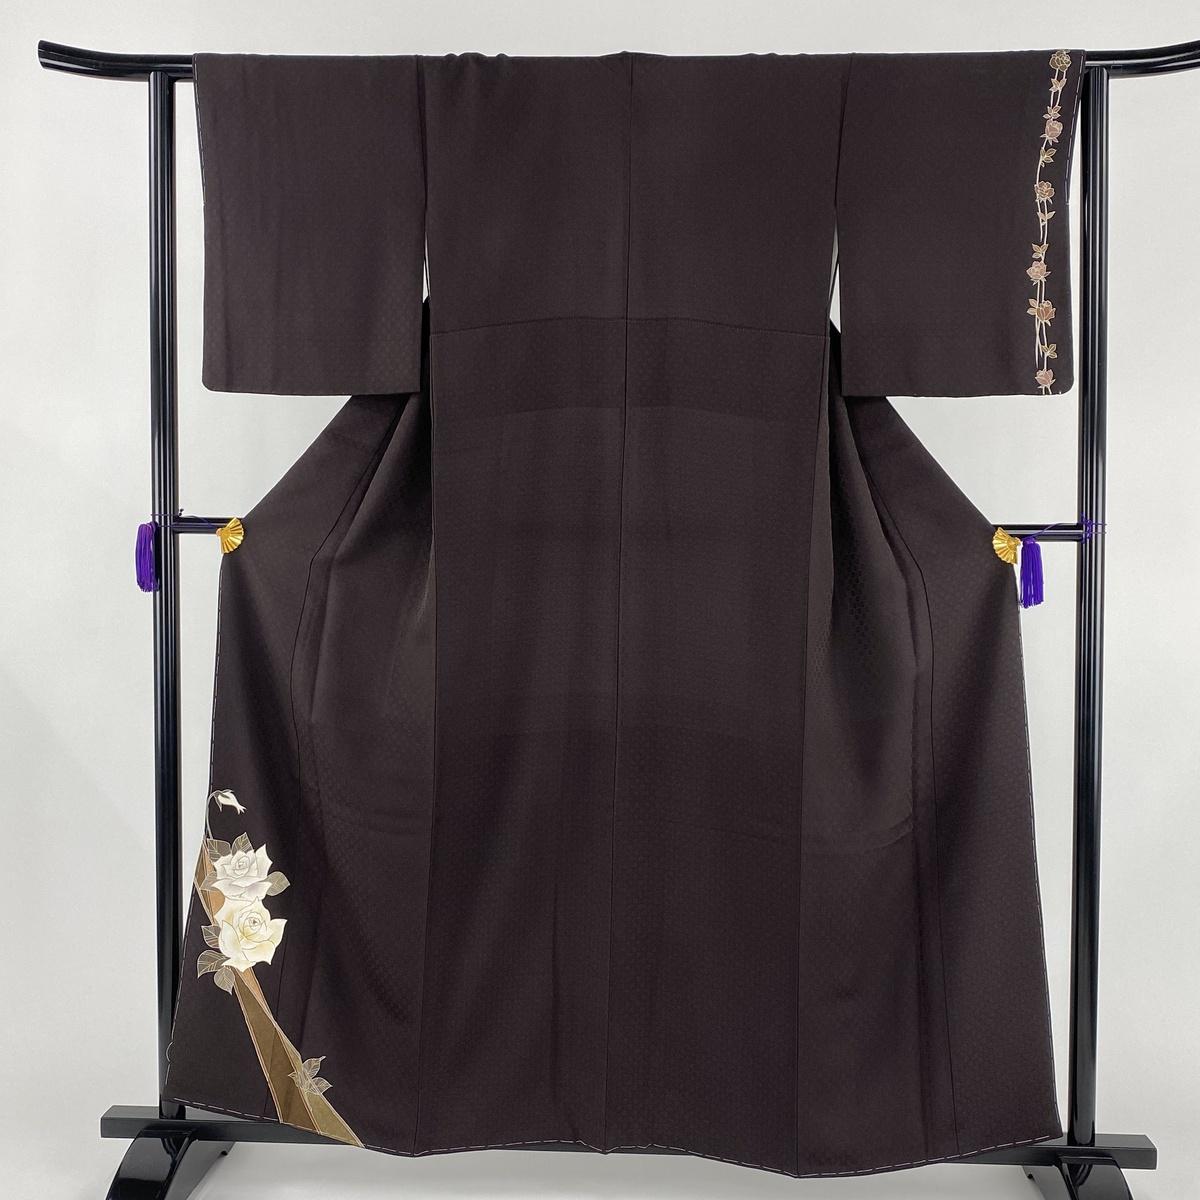 付下げ 美品 逸品 薔薇 金彩 茶紫 袷 身丈159cm 裄丈63.5cm S 正絹 【中古】